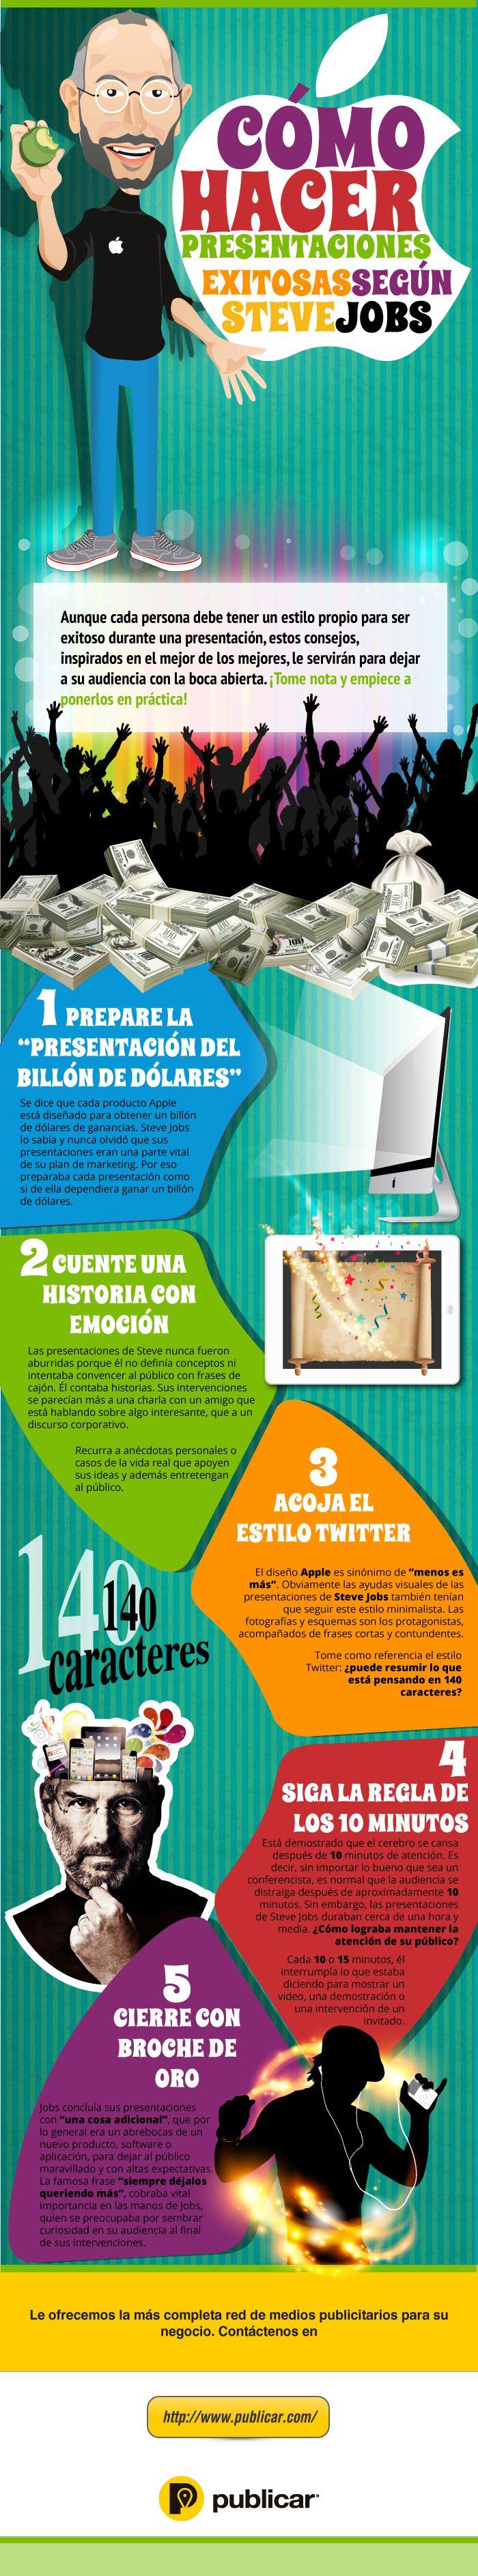 Cómo hacer presentaciones de éxito según Steve Jobs #infografia #infographic